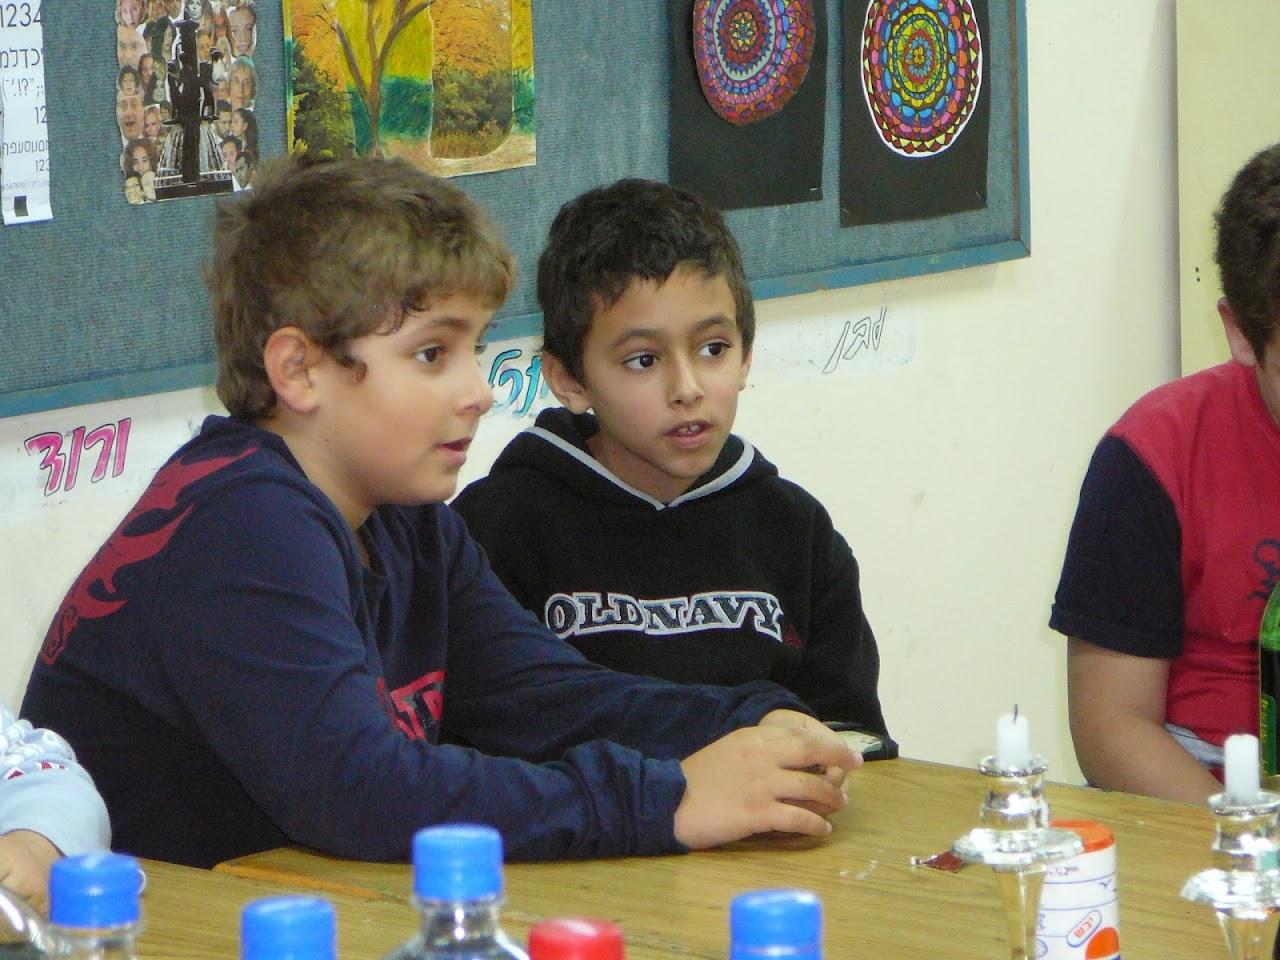 Hanukkah 2006  - 2006-12-15 06.39.07.jpg